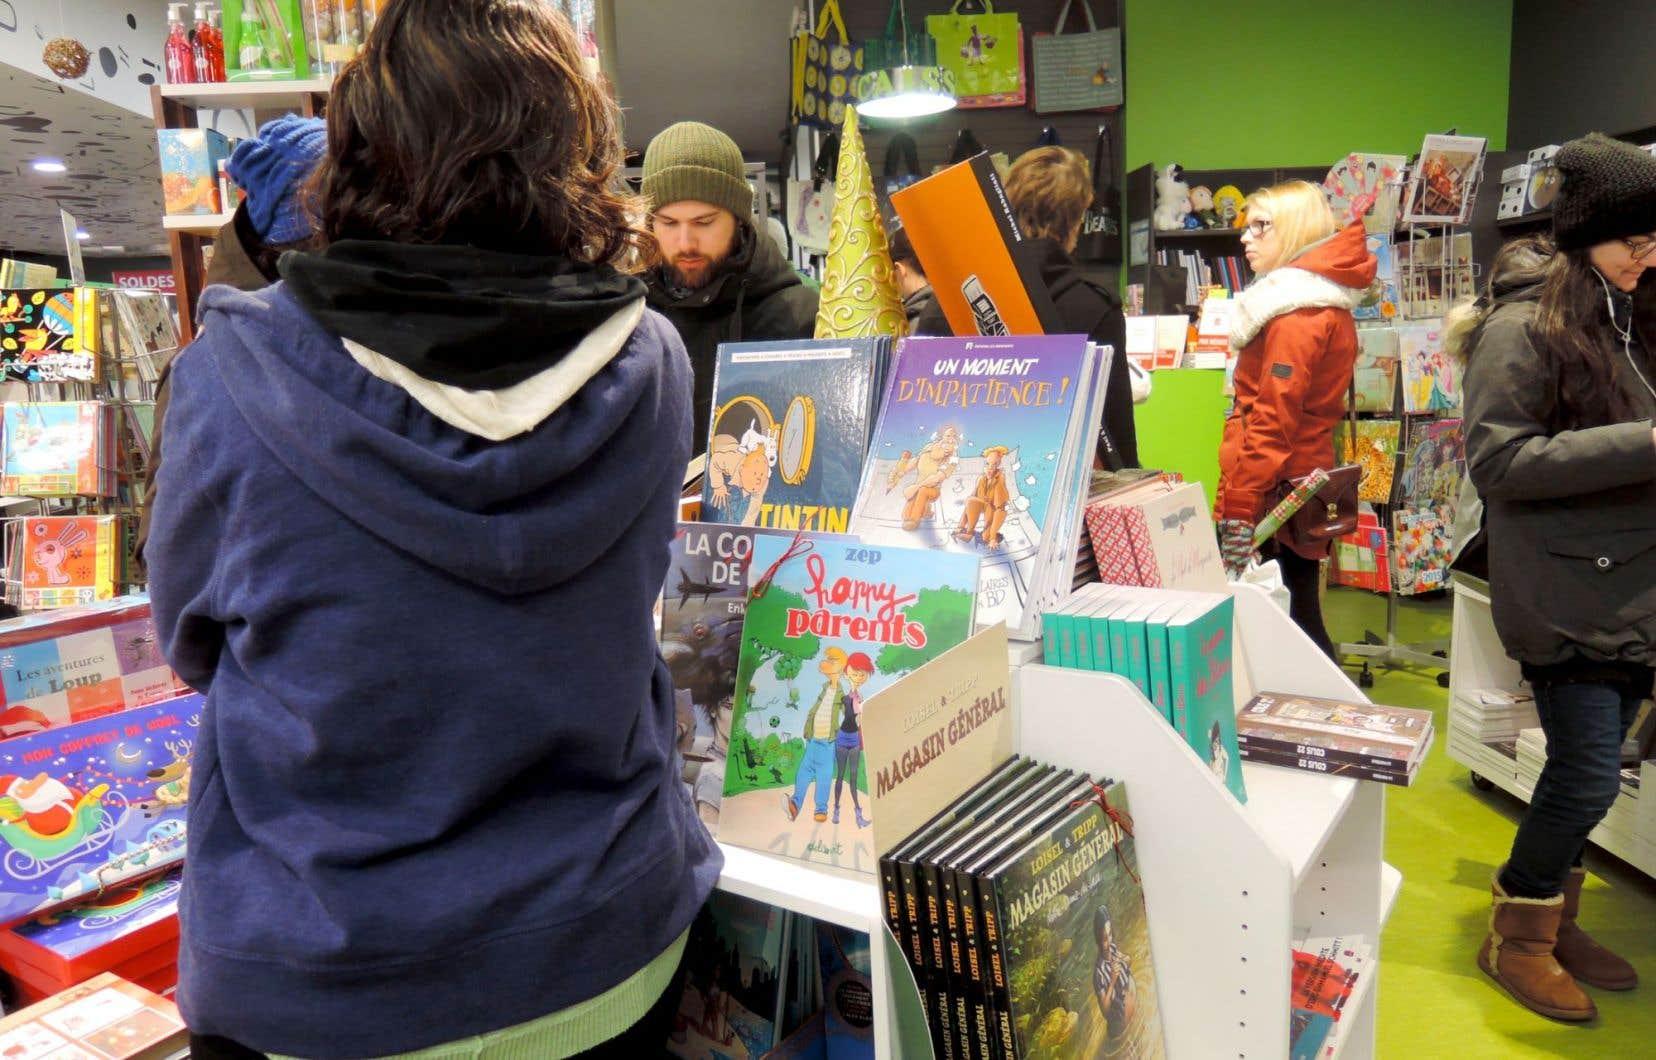 Les librairies indépendantes proposent entre 6000 et 50 000 titres et offrent un service de commandes spéciales parmi plus de 700 000 oeuvres en français.